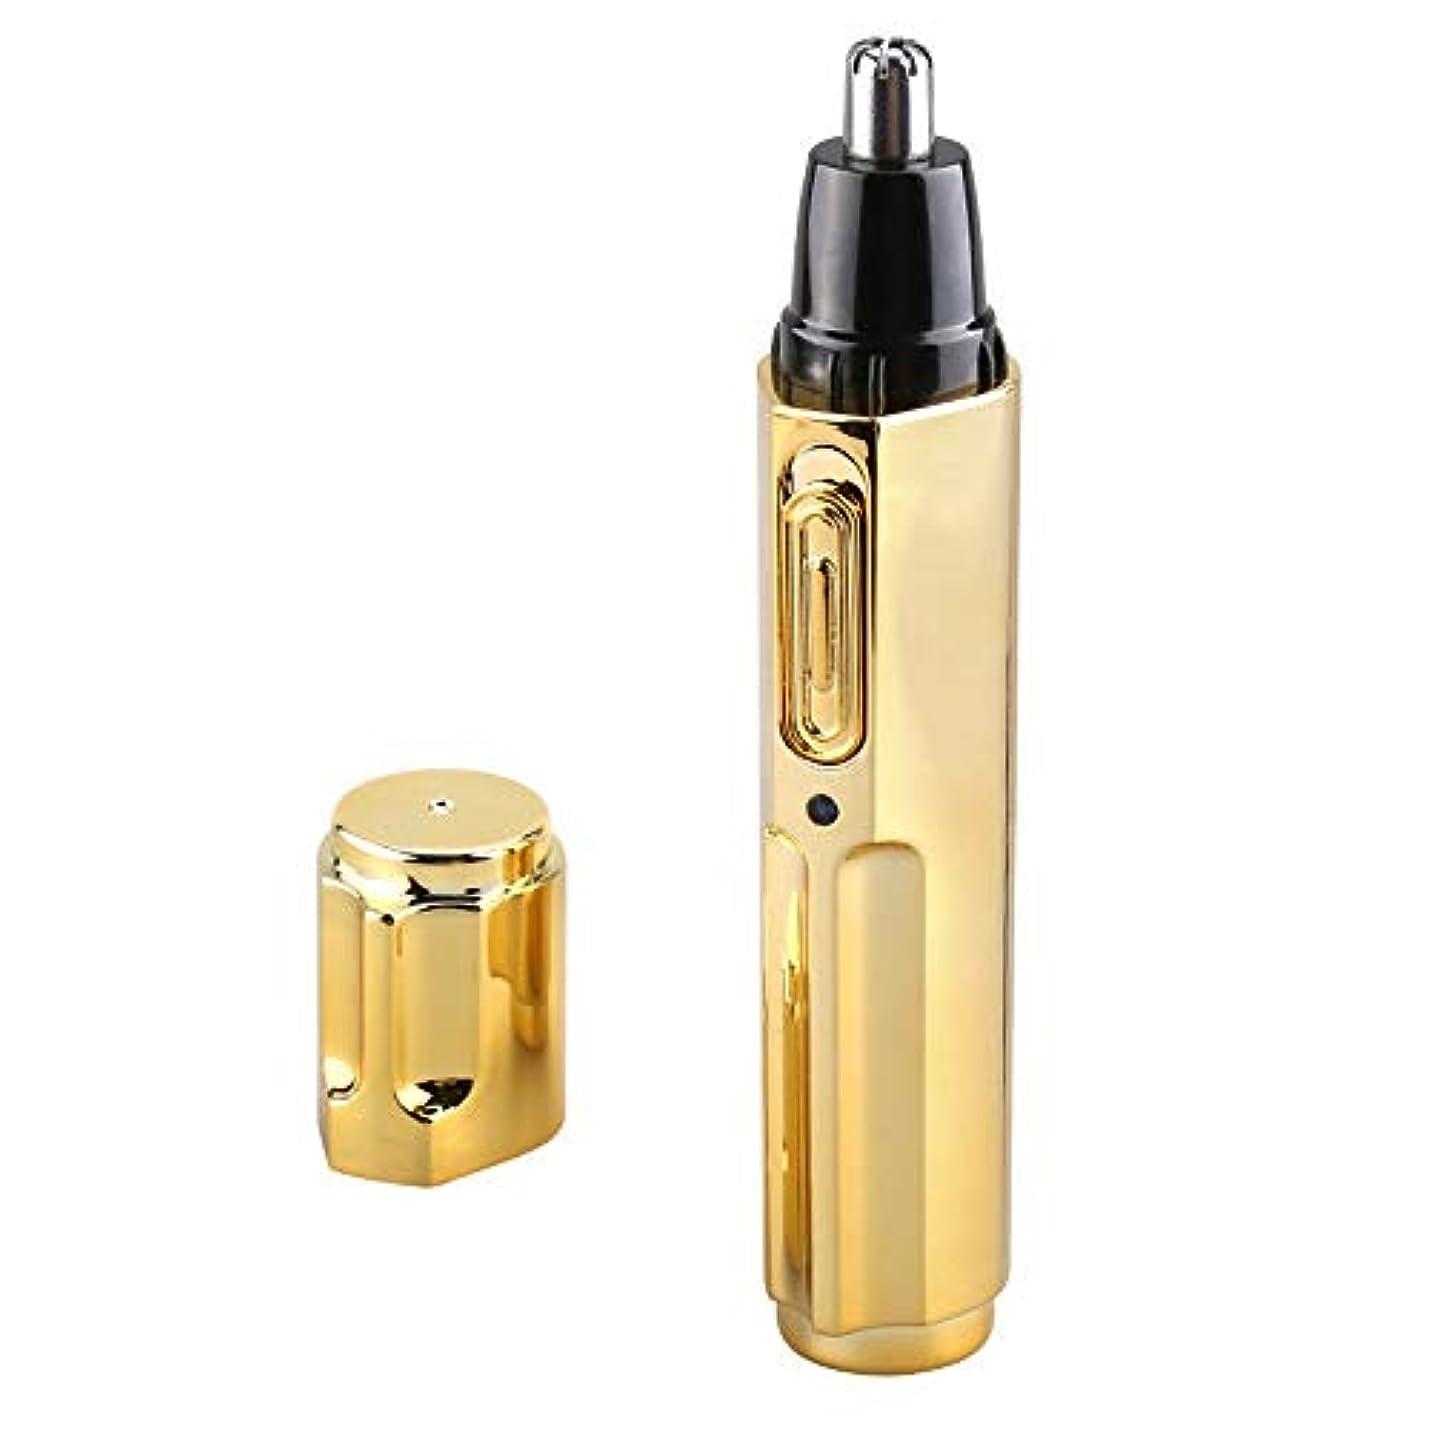 ハッチダニカップ鼻毛トリマー/充電式電動鼻毛トリマー/鼻孔クリーナー/ 13 * 2.8cm 持つ価値があります